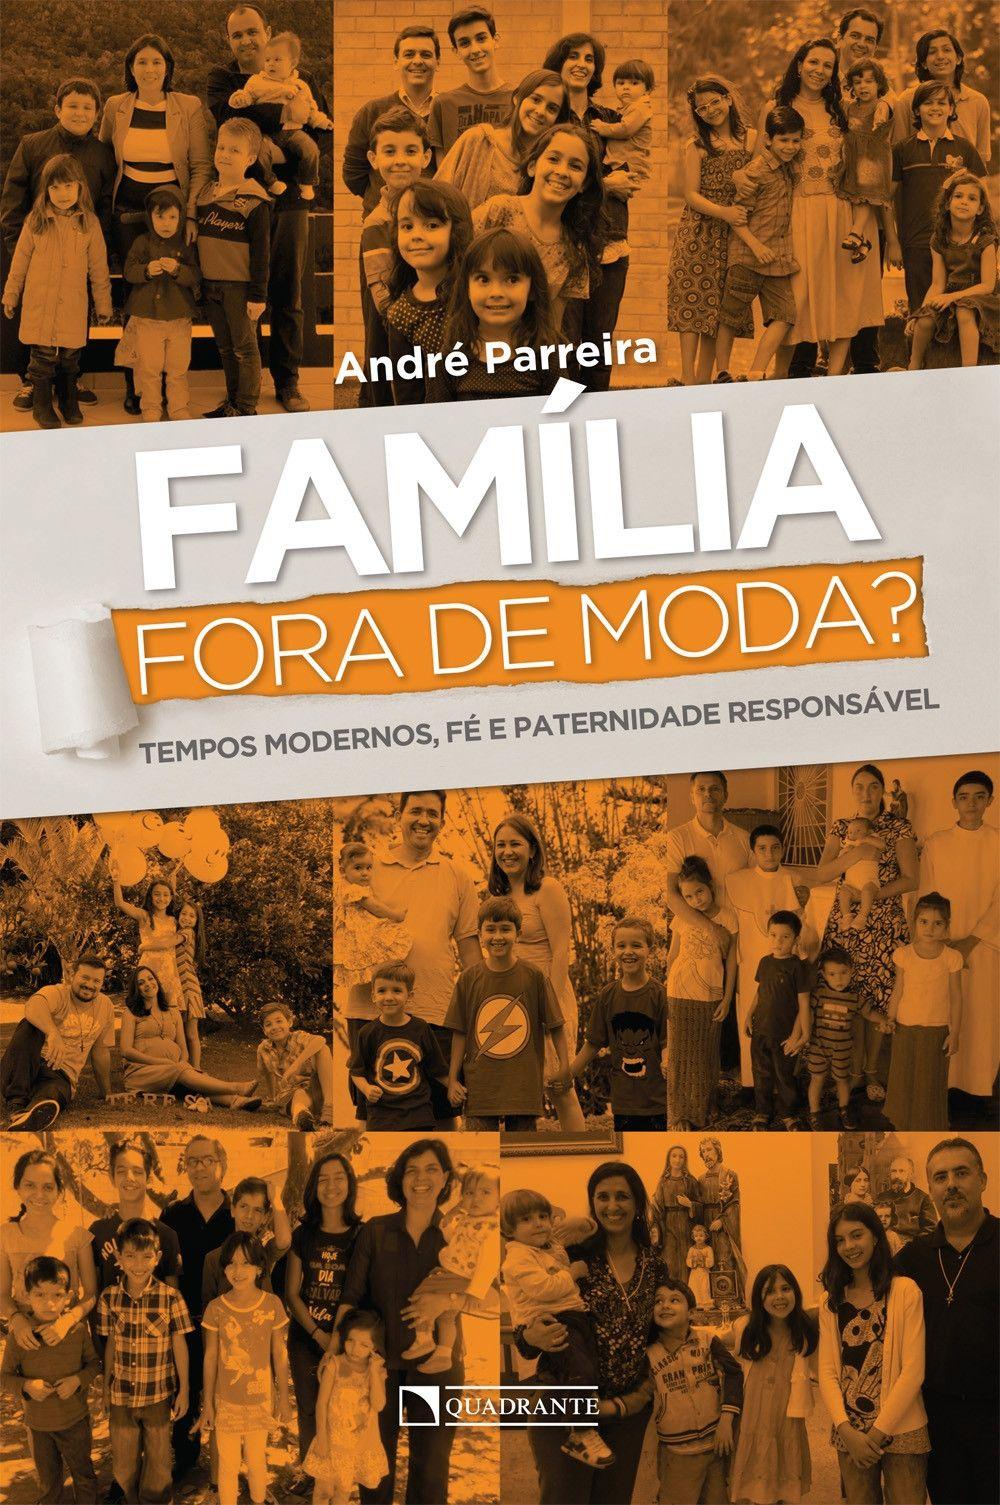 Combo André Parreira